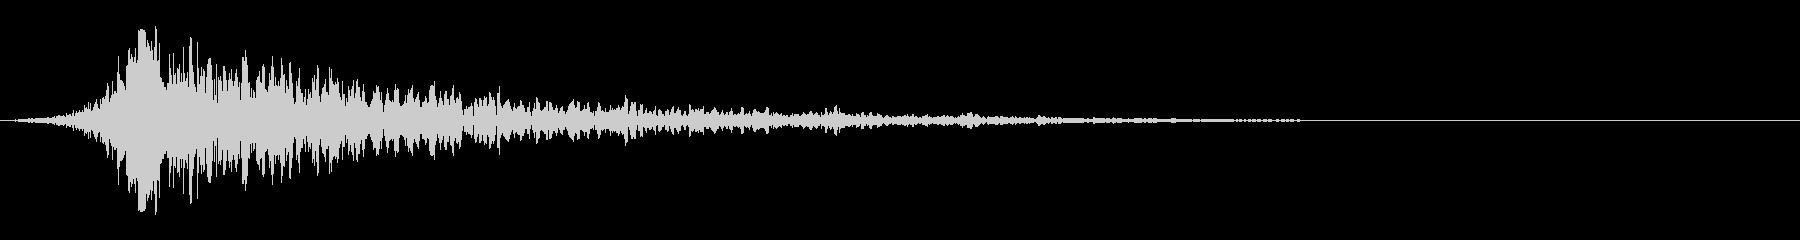 シュードーン-25-1(インパクト音)の未再生の波形